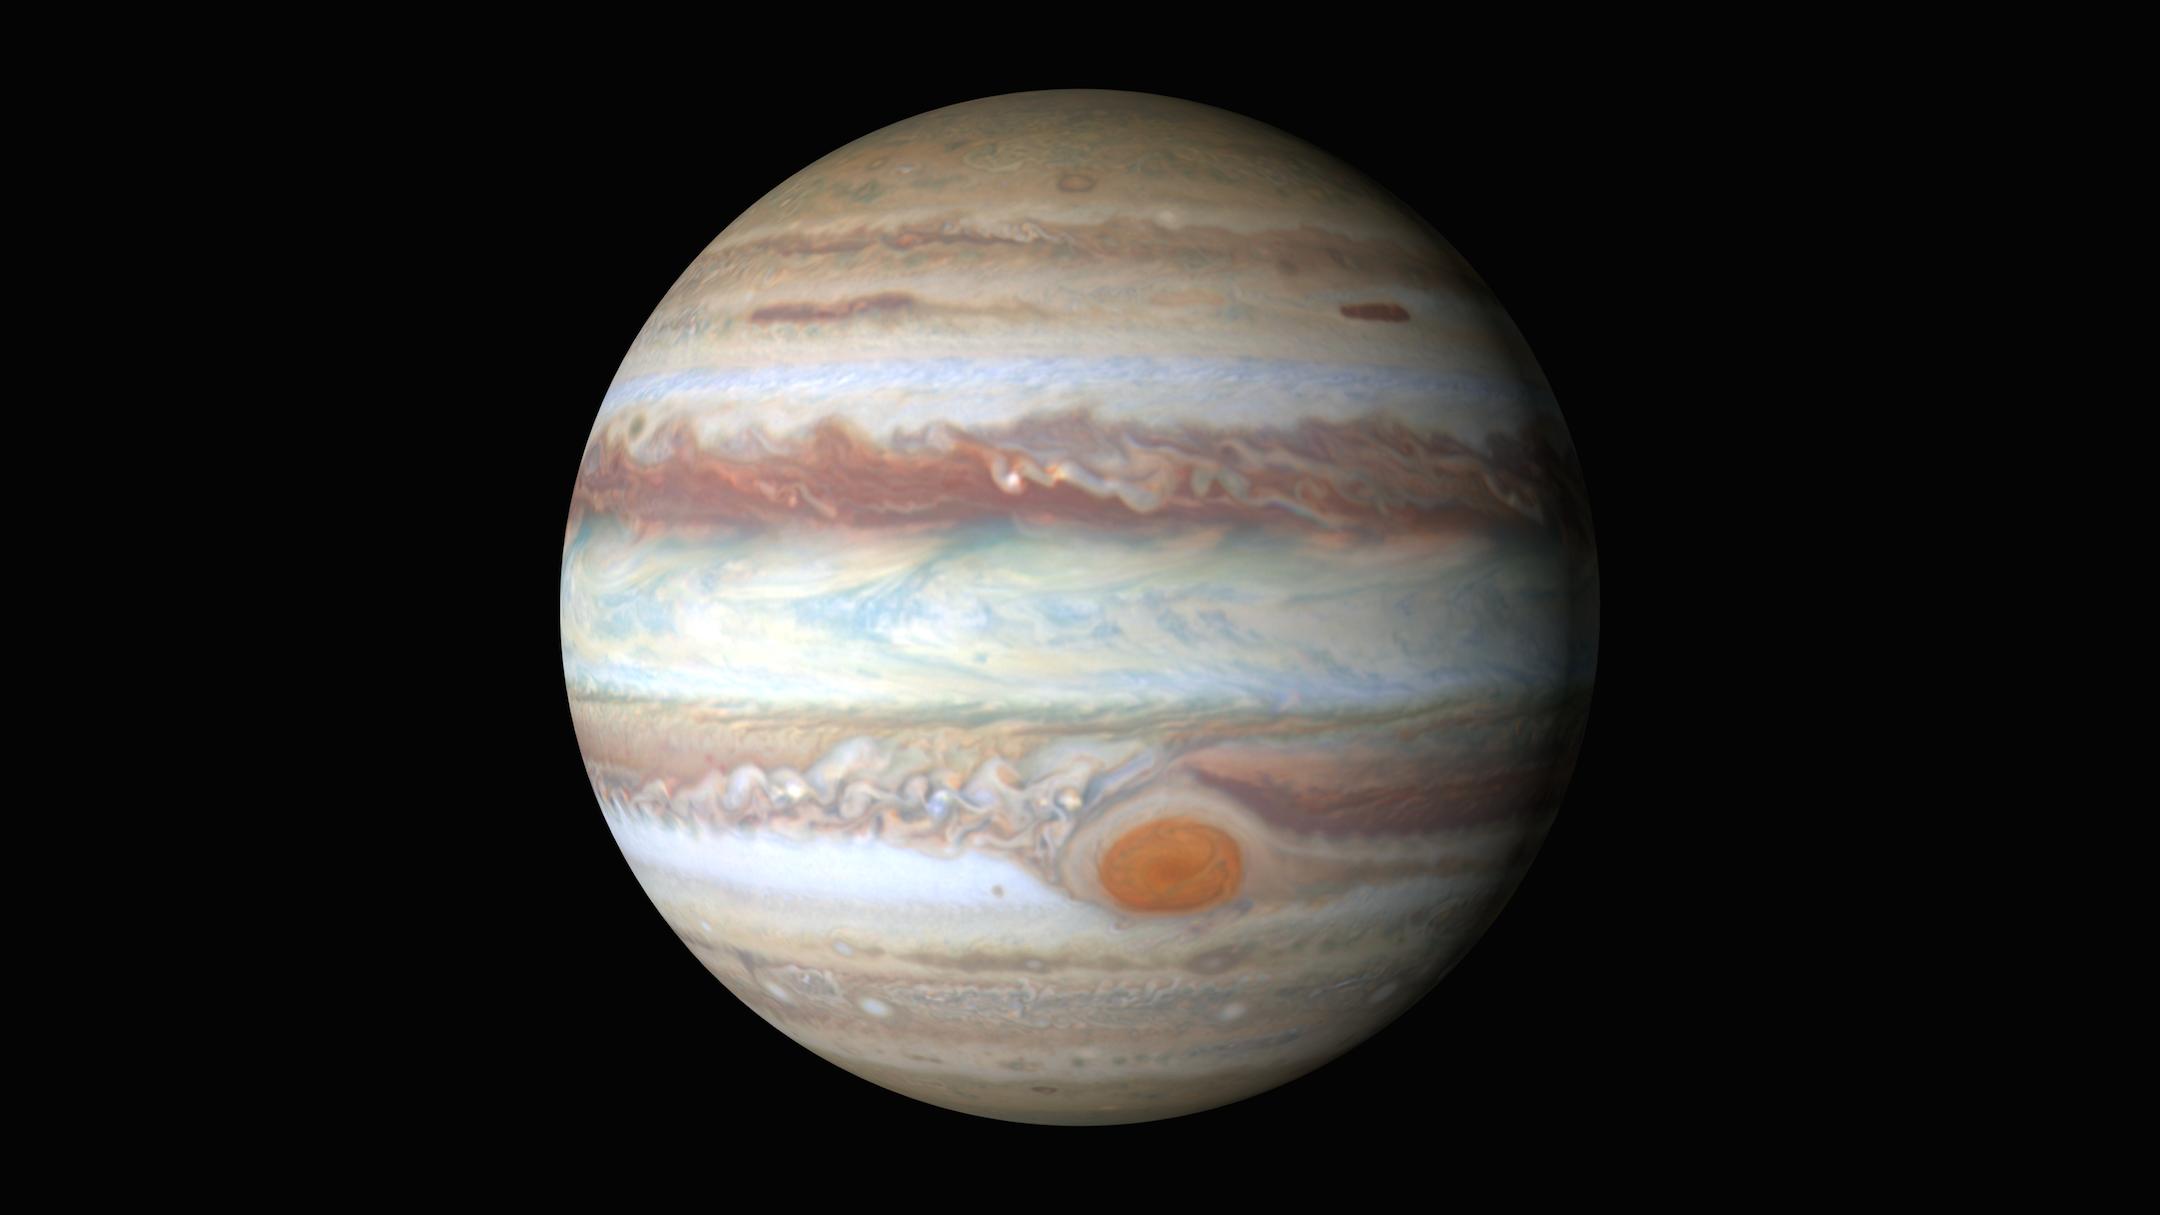 Немалый торнадо размером снашу планету бушует наЮпитере